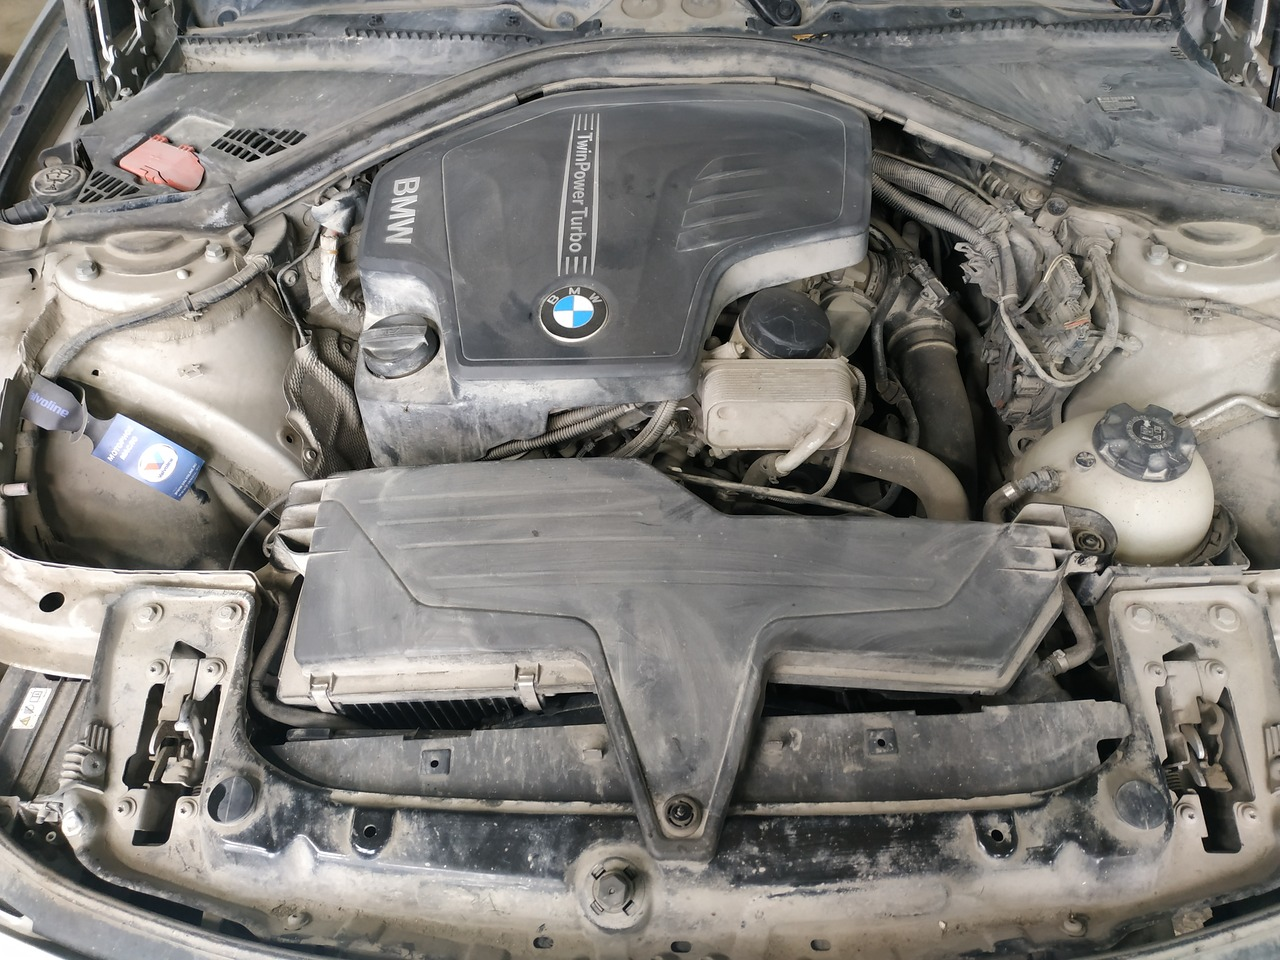 двигатель N20, BMW F30 2011 г.в.